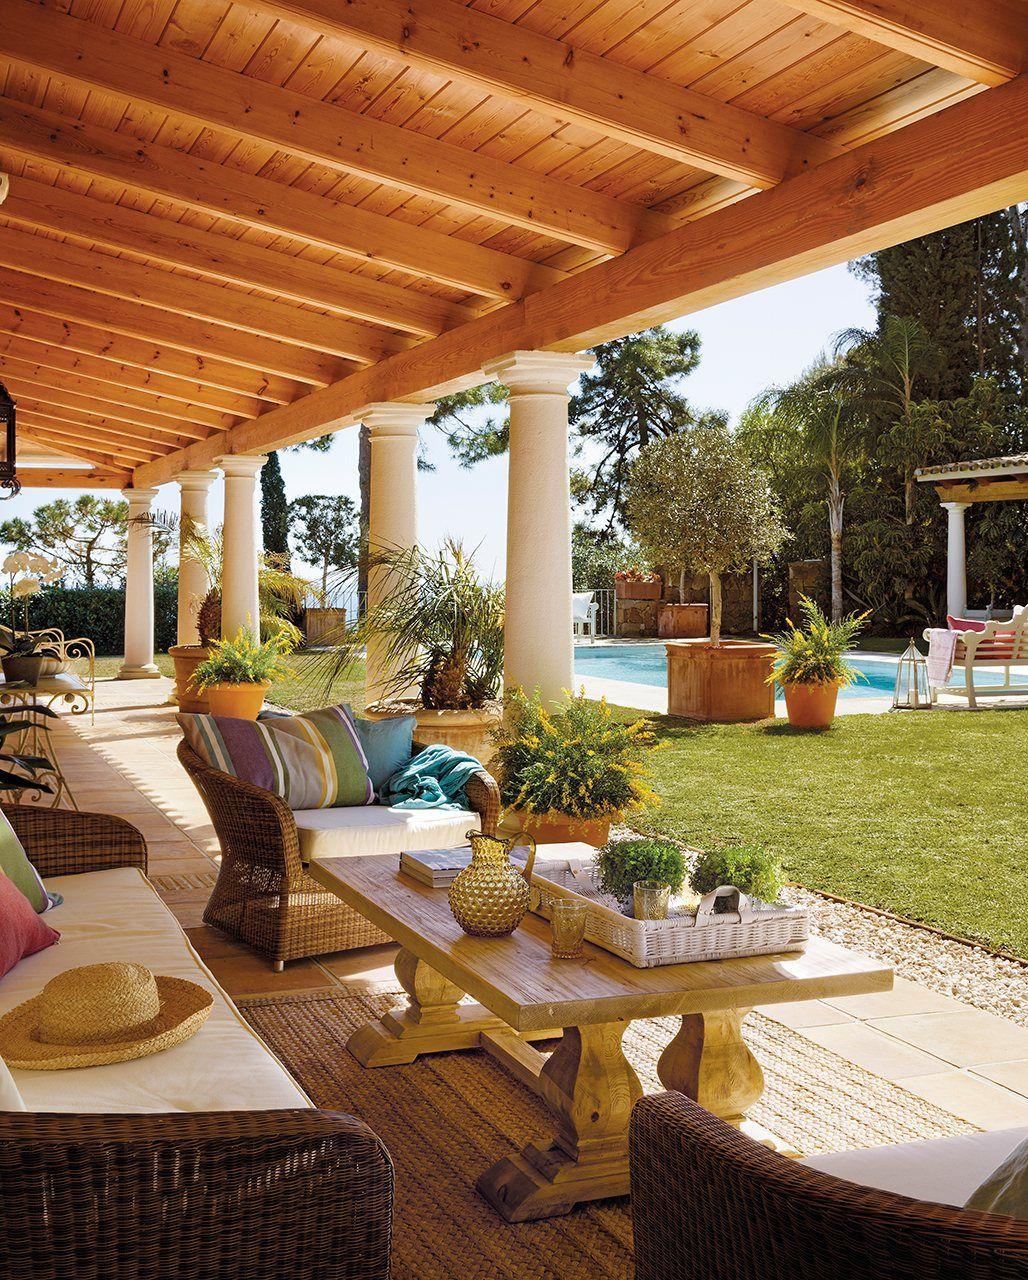 Almohadones grandes mesa de madera un para so en el sur - Techos decorativos de madera ...